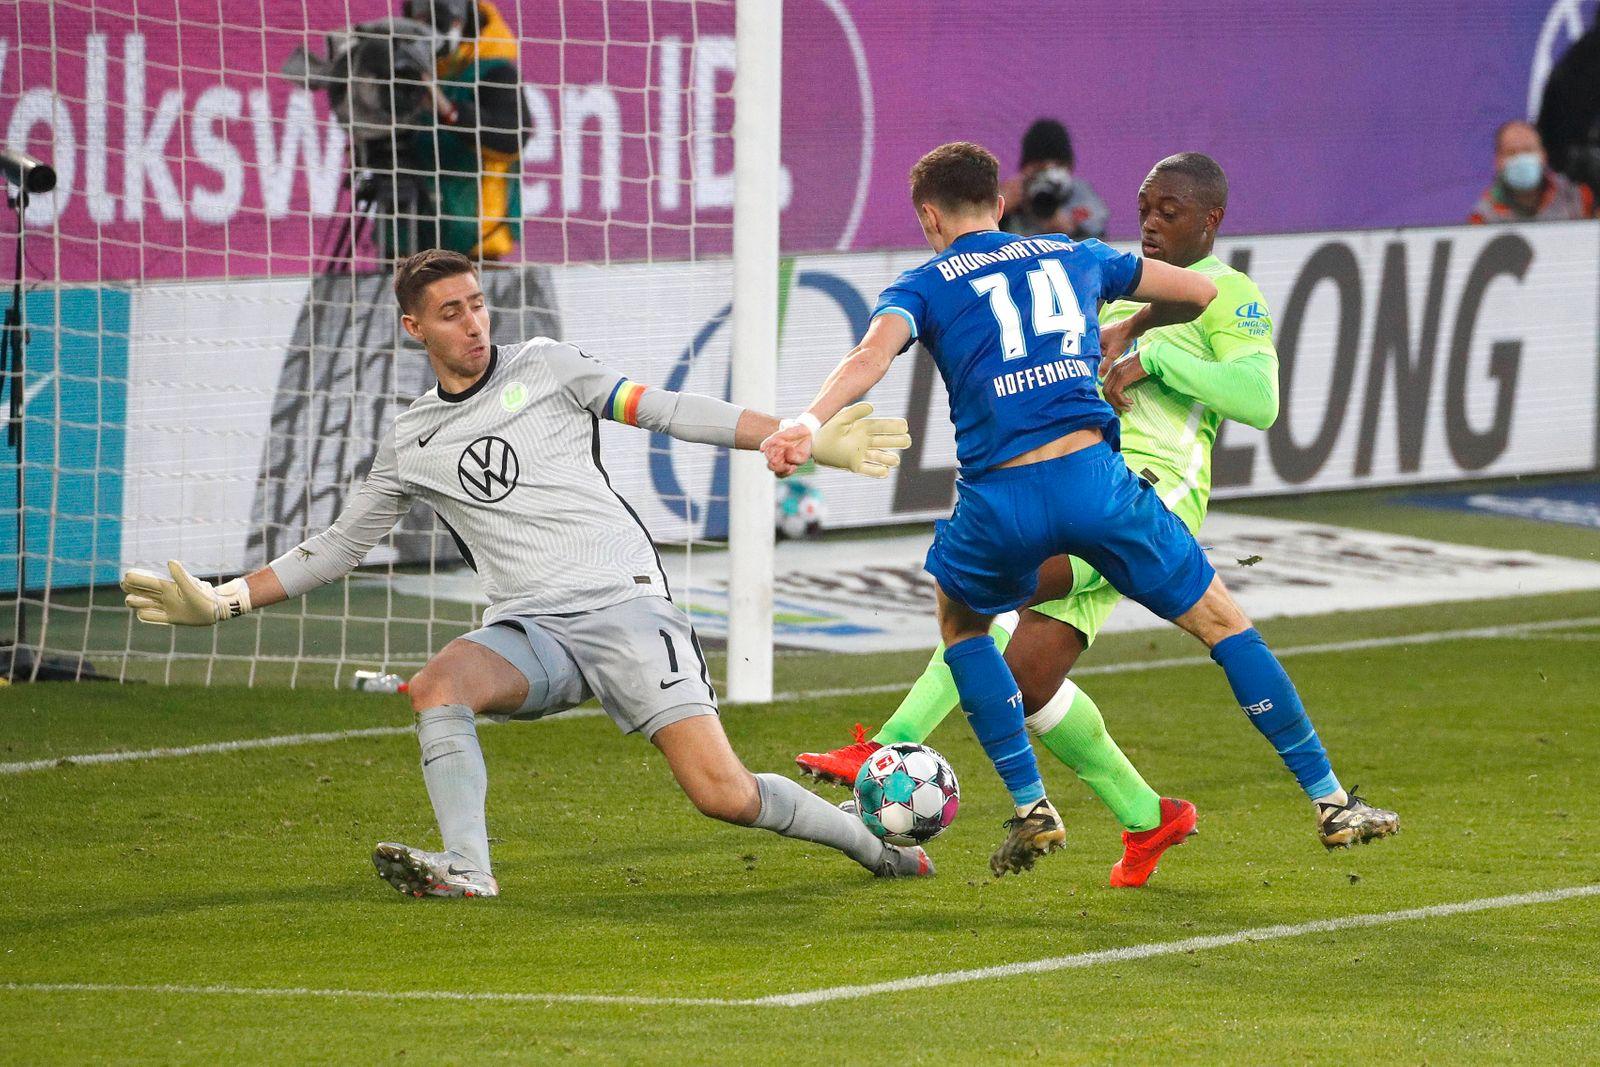 08.11.2020, Volkswagen Arena, Wolfsburg, Ligaspiel, 1. Bundesliga, VfL Wolfsburg vs TSG 1899 Hoffenheim, im Bild Koen C